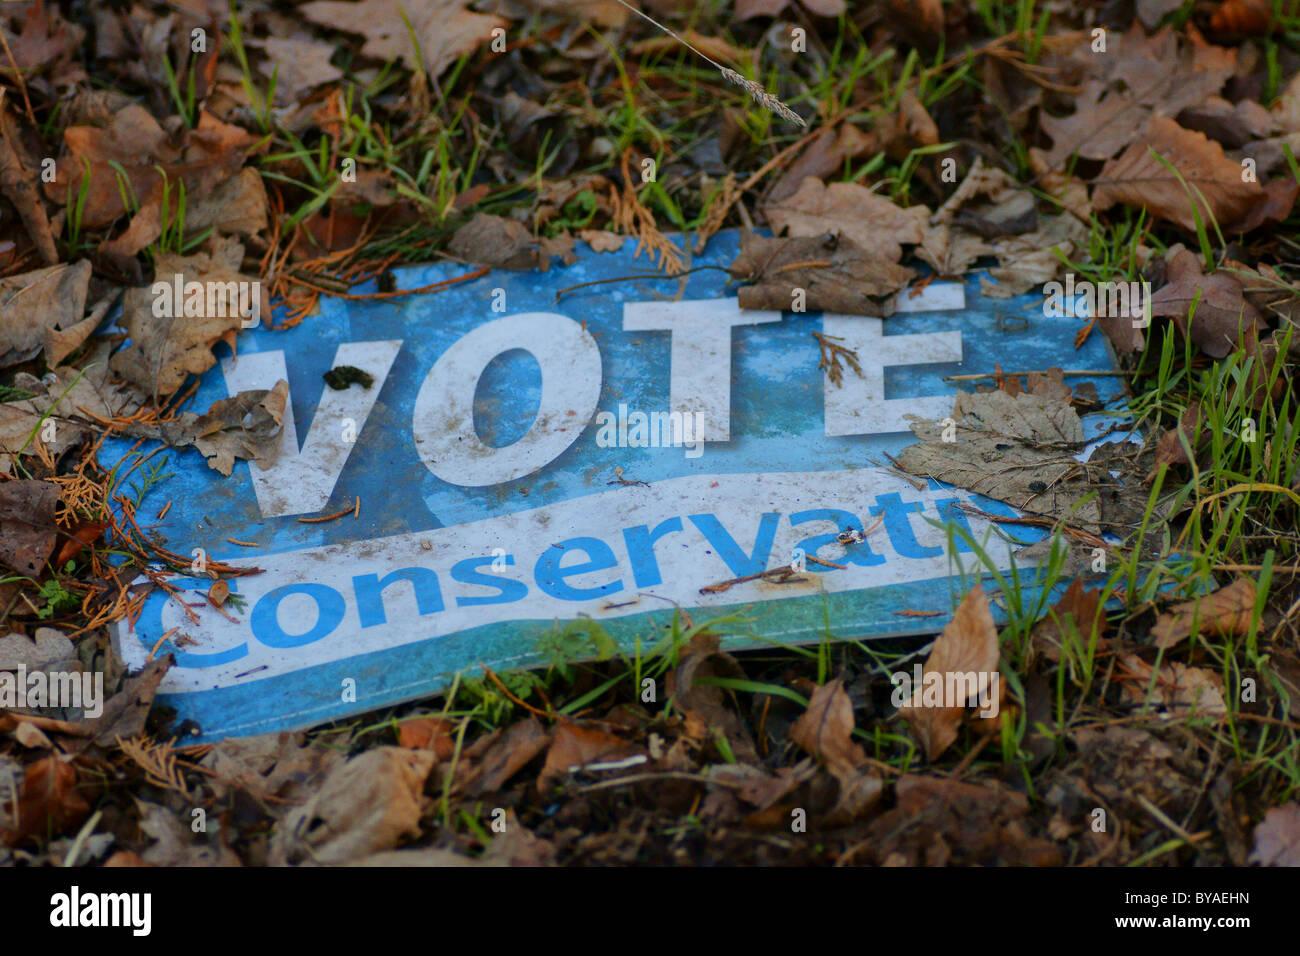 Stimmen konservative? Con-DM Stockbild